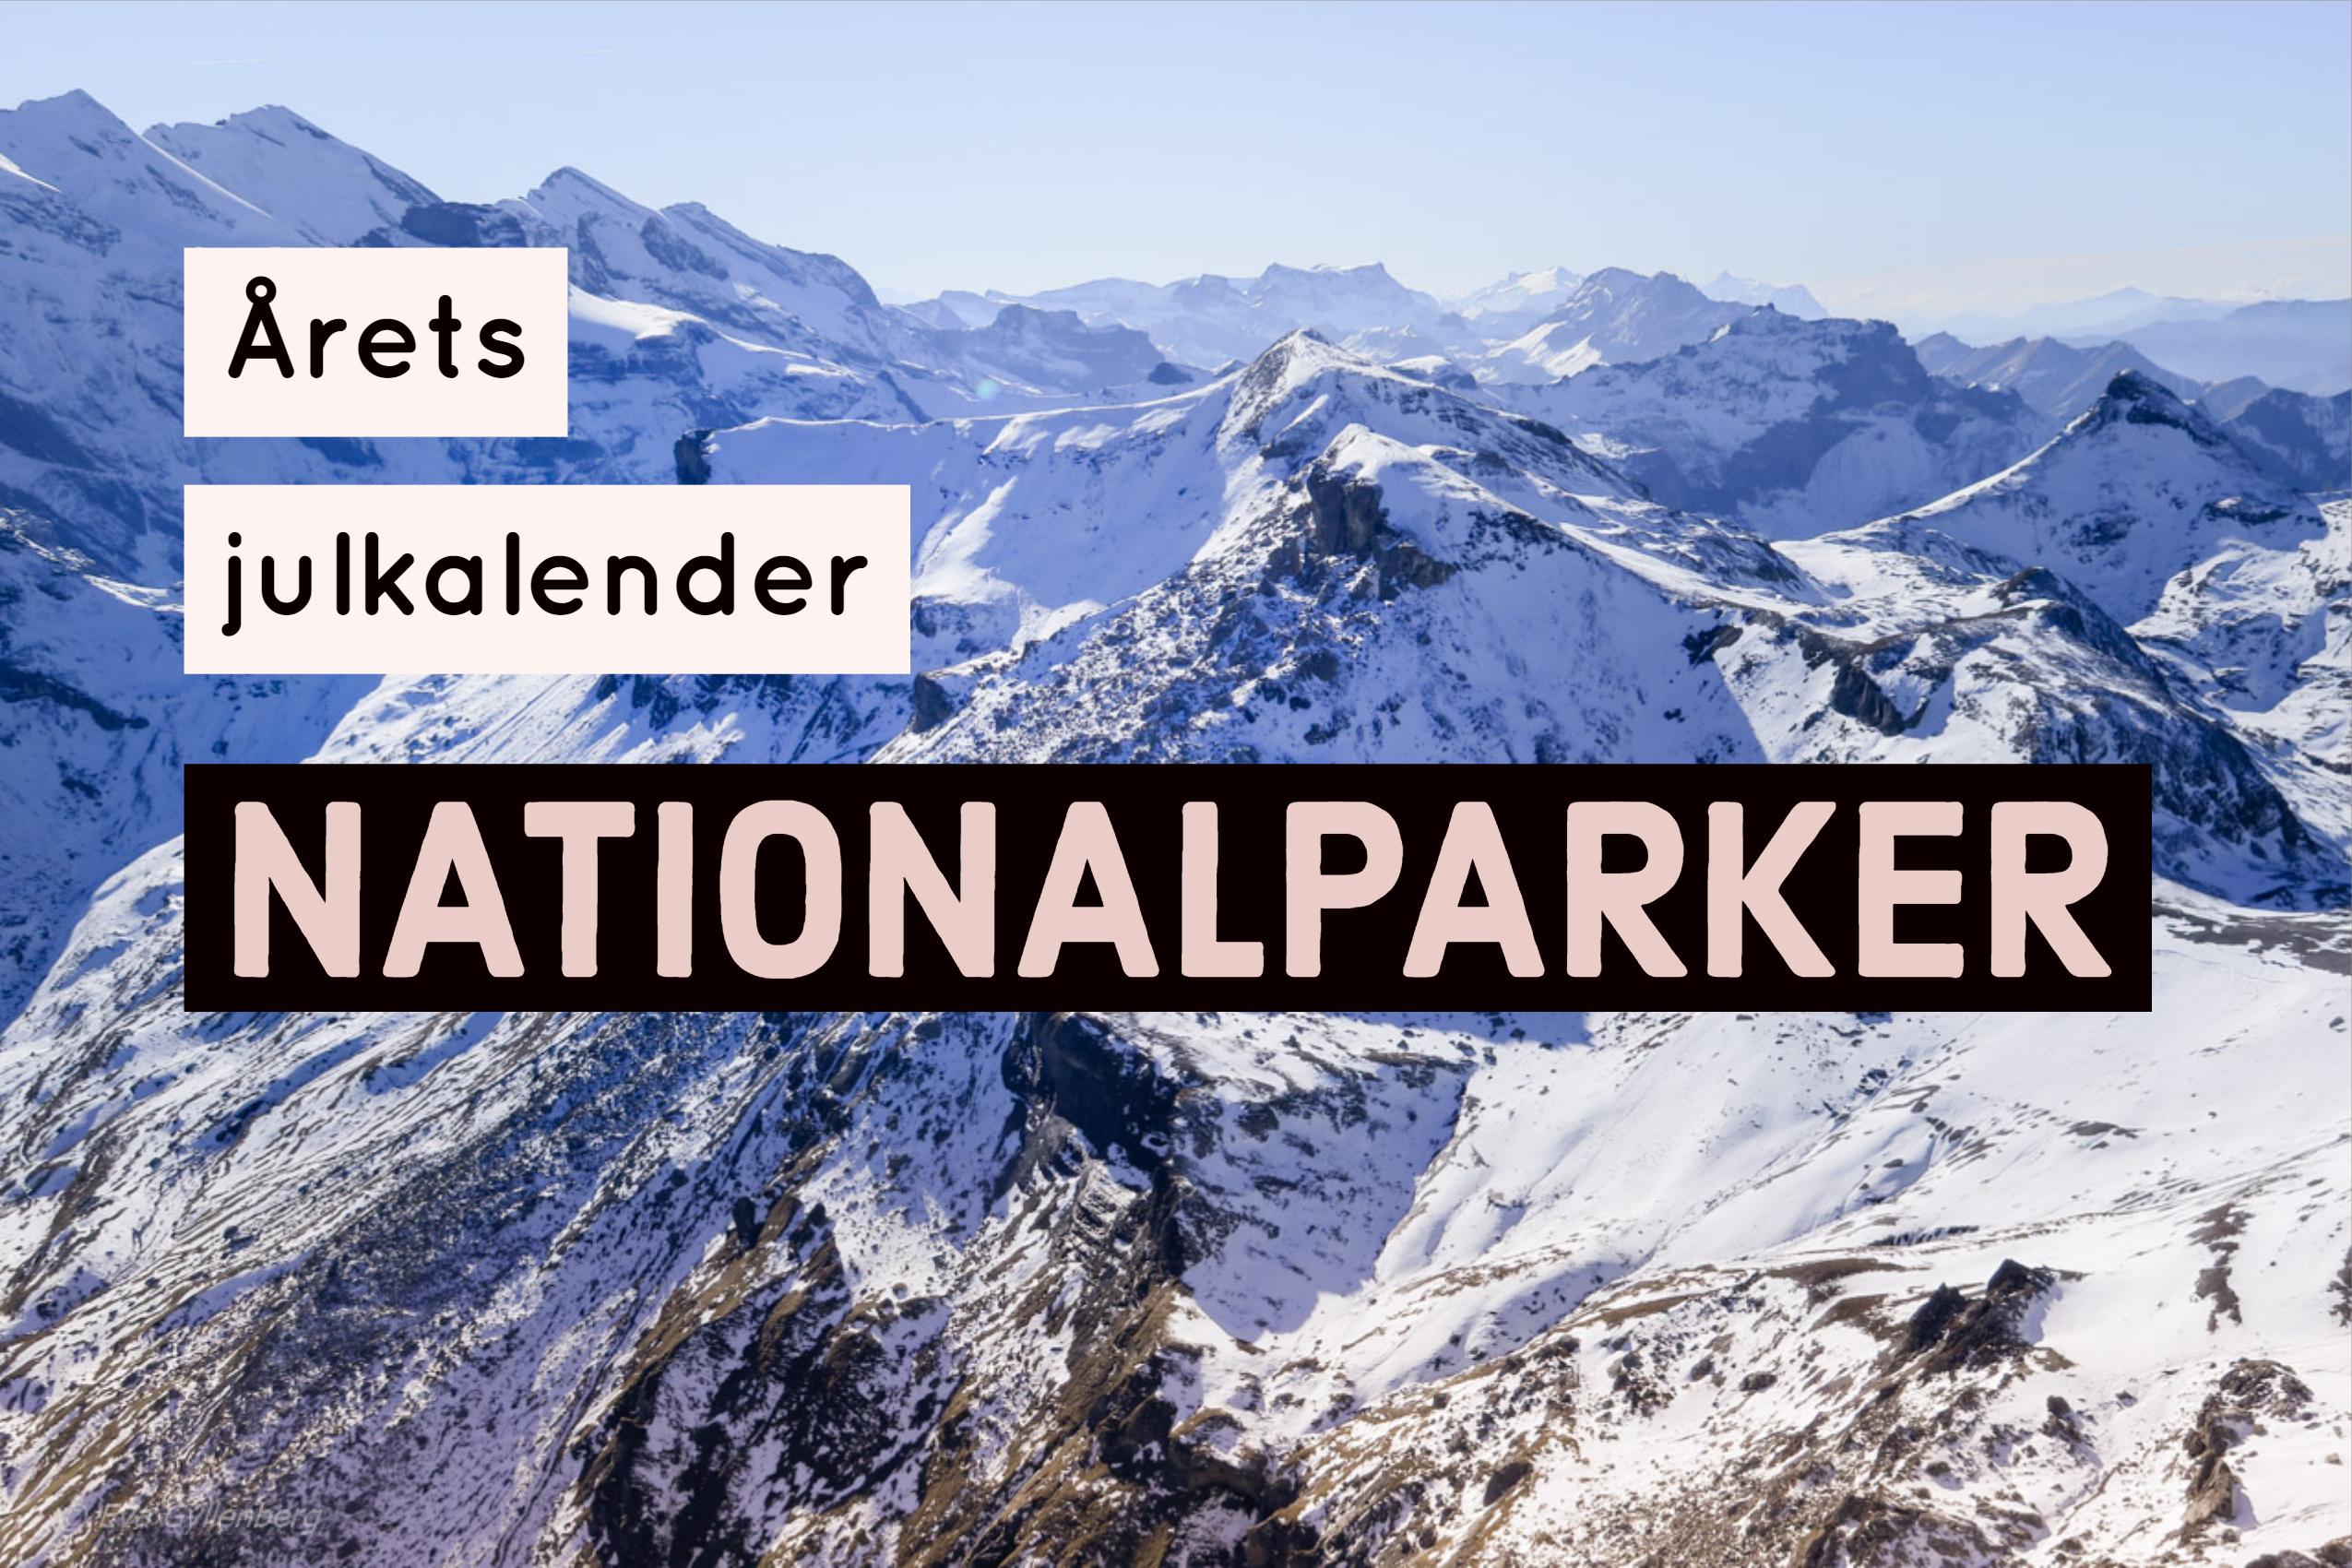 Dags för årets julkalender med tema nationalparker!